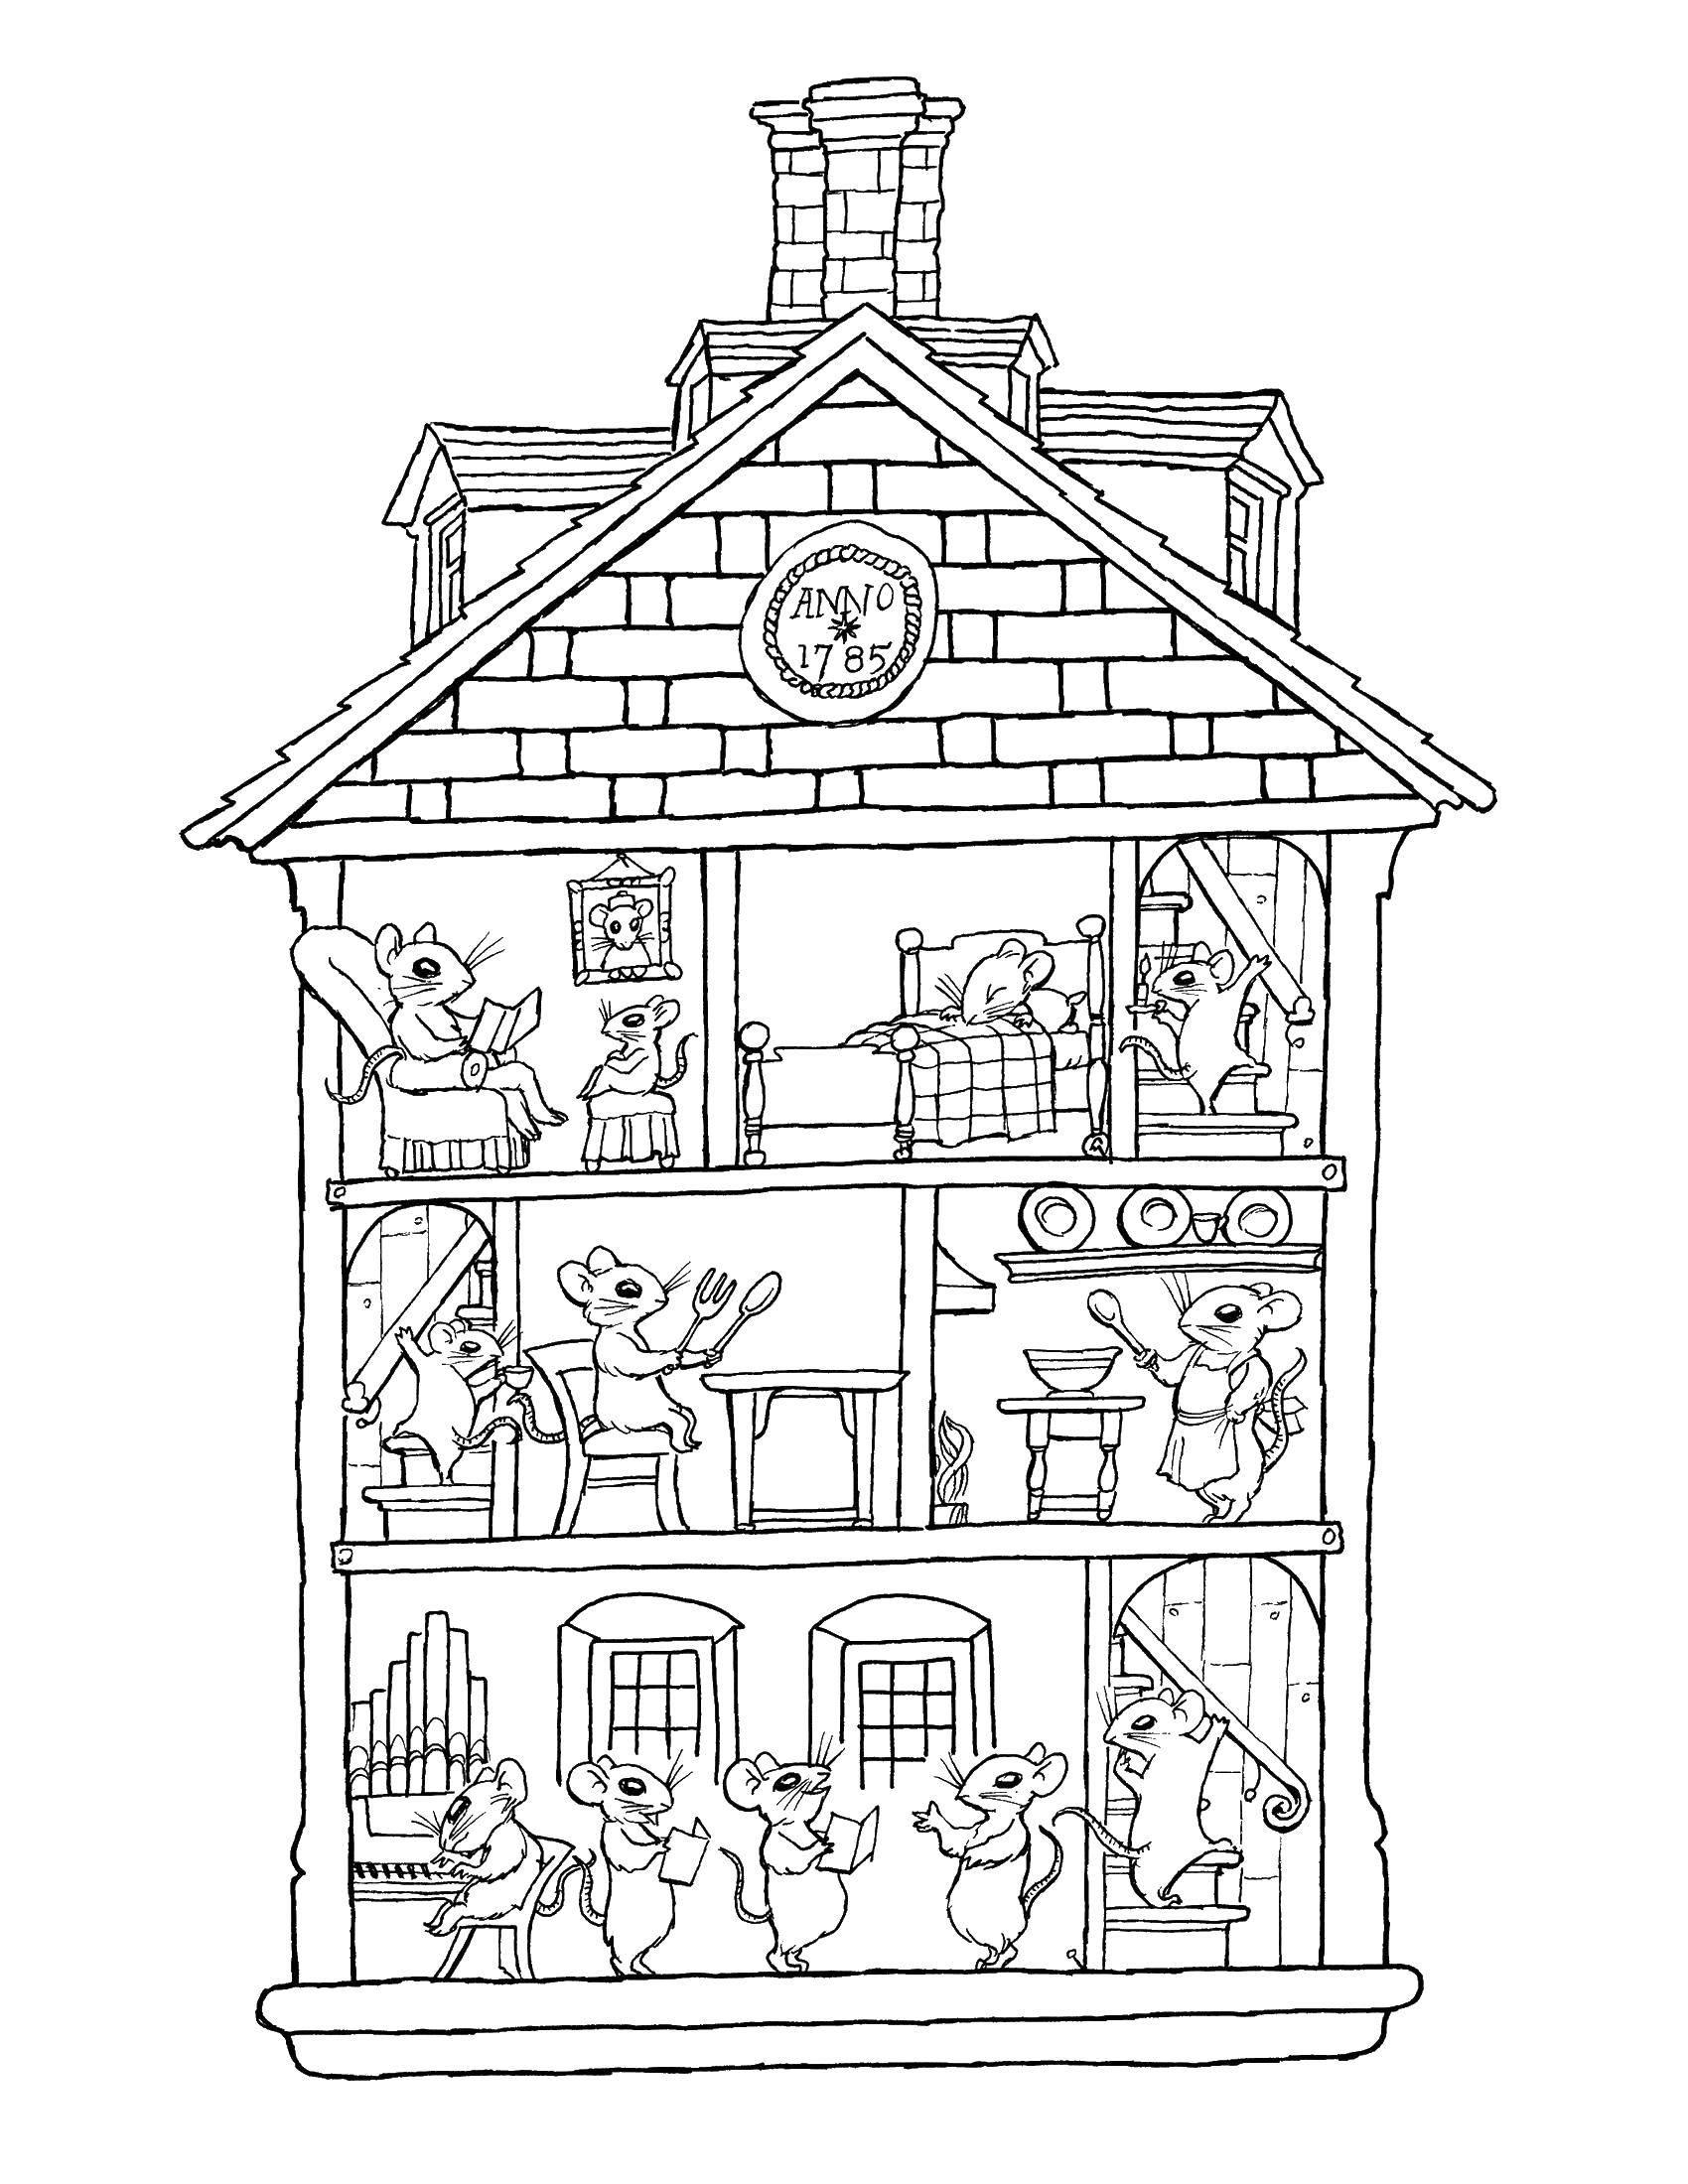 Раскраски домик, Раскраска Домик с леденцами Раскраски дом.